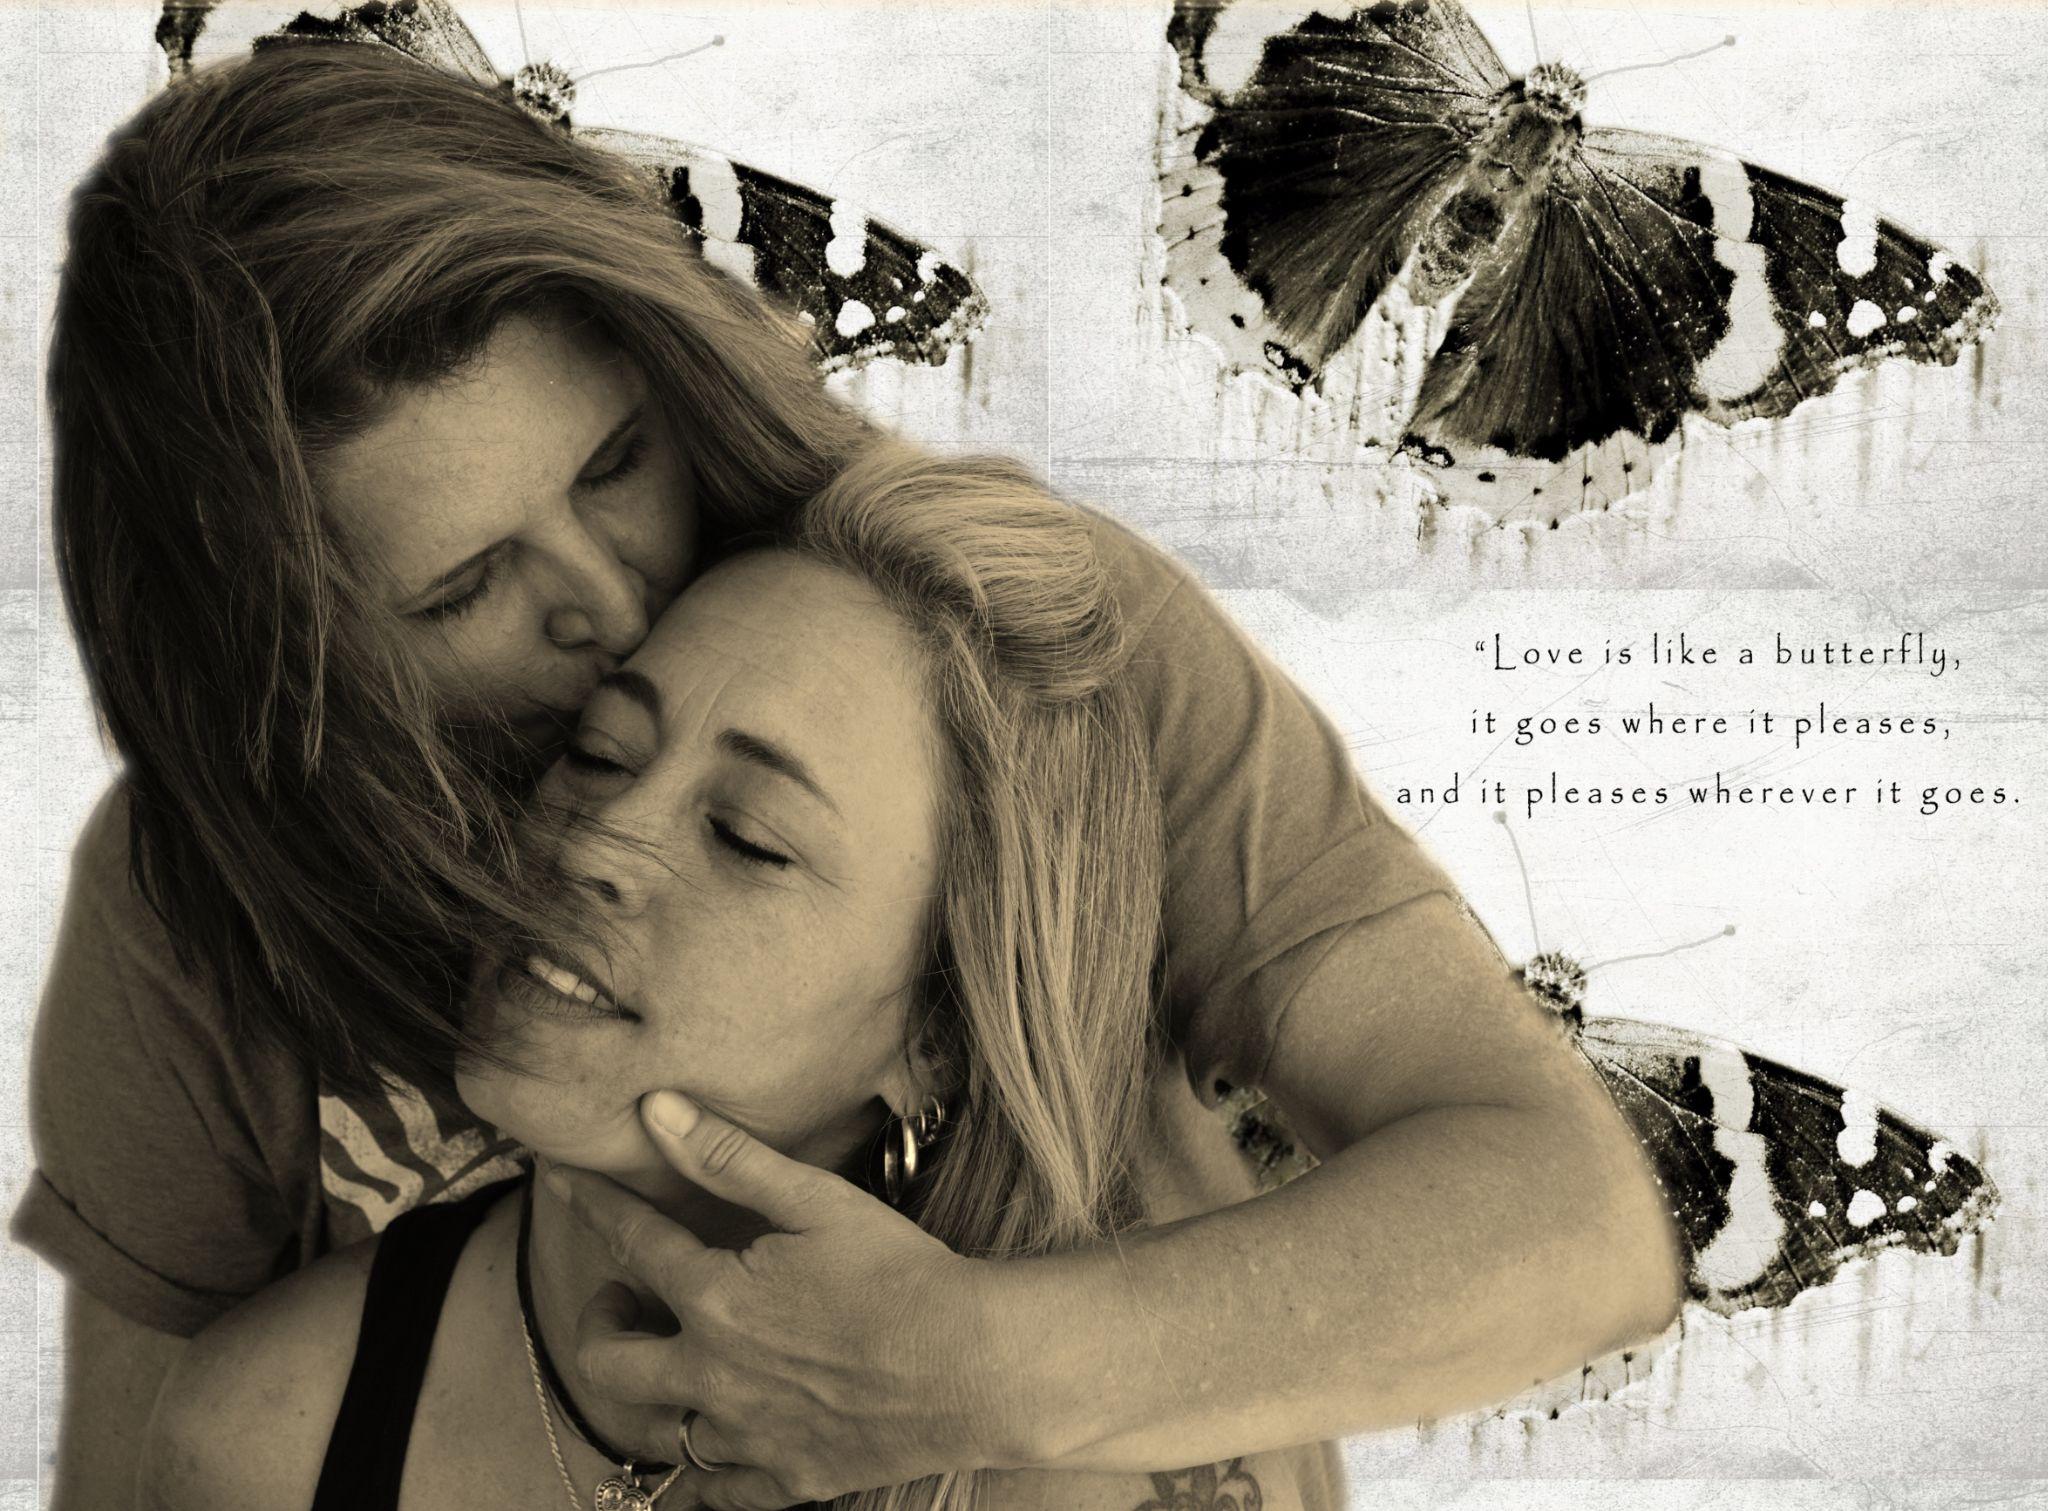 Love is Love by lne.kirkes